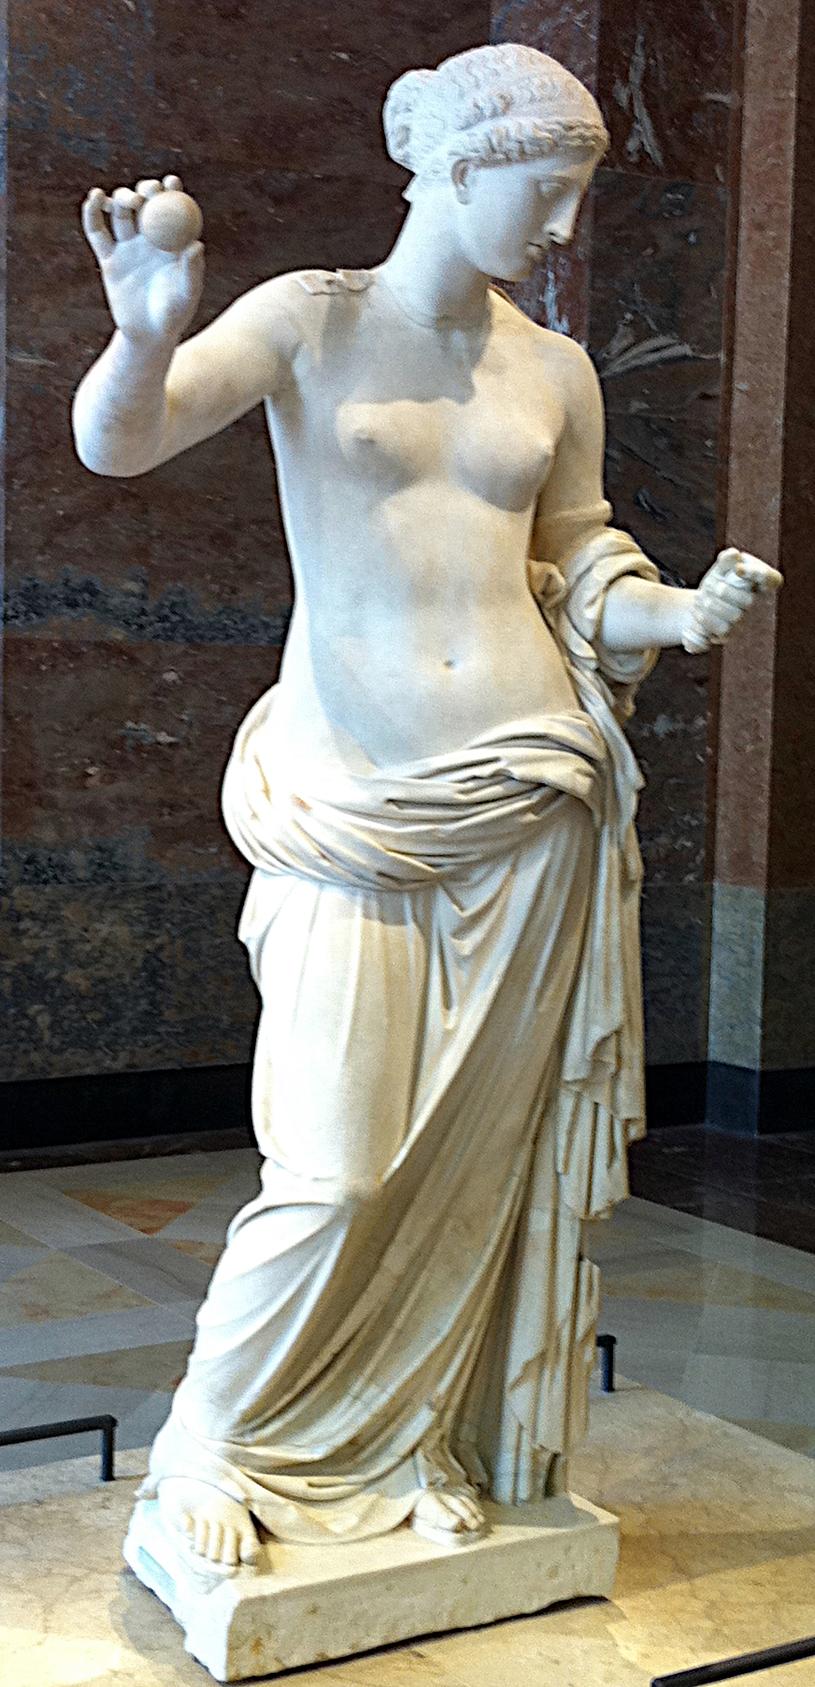 """""""Afrodyta z Arles"""", rzymska kopia """"Afrodyty tespijskiej"""", rzeźby Praksytelesa, do której prawdopodobnie pozowała Fryne, uznawana za najsłynniejsza heterę starożytnej Grecji (Alain.Darles/CC BY-SA 3.0). /Ciekawostki Historyczne"""